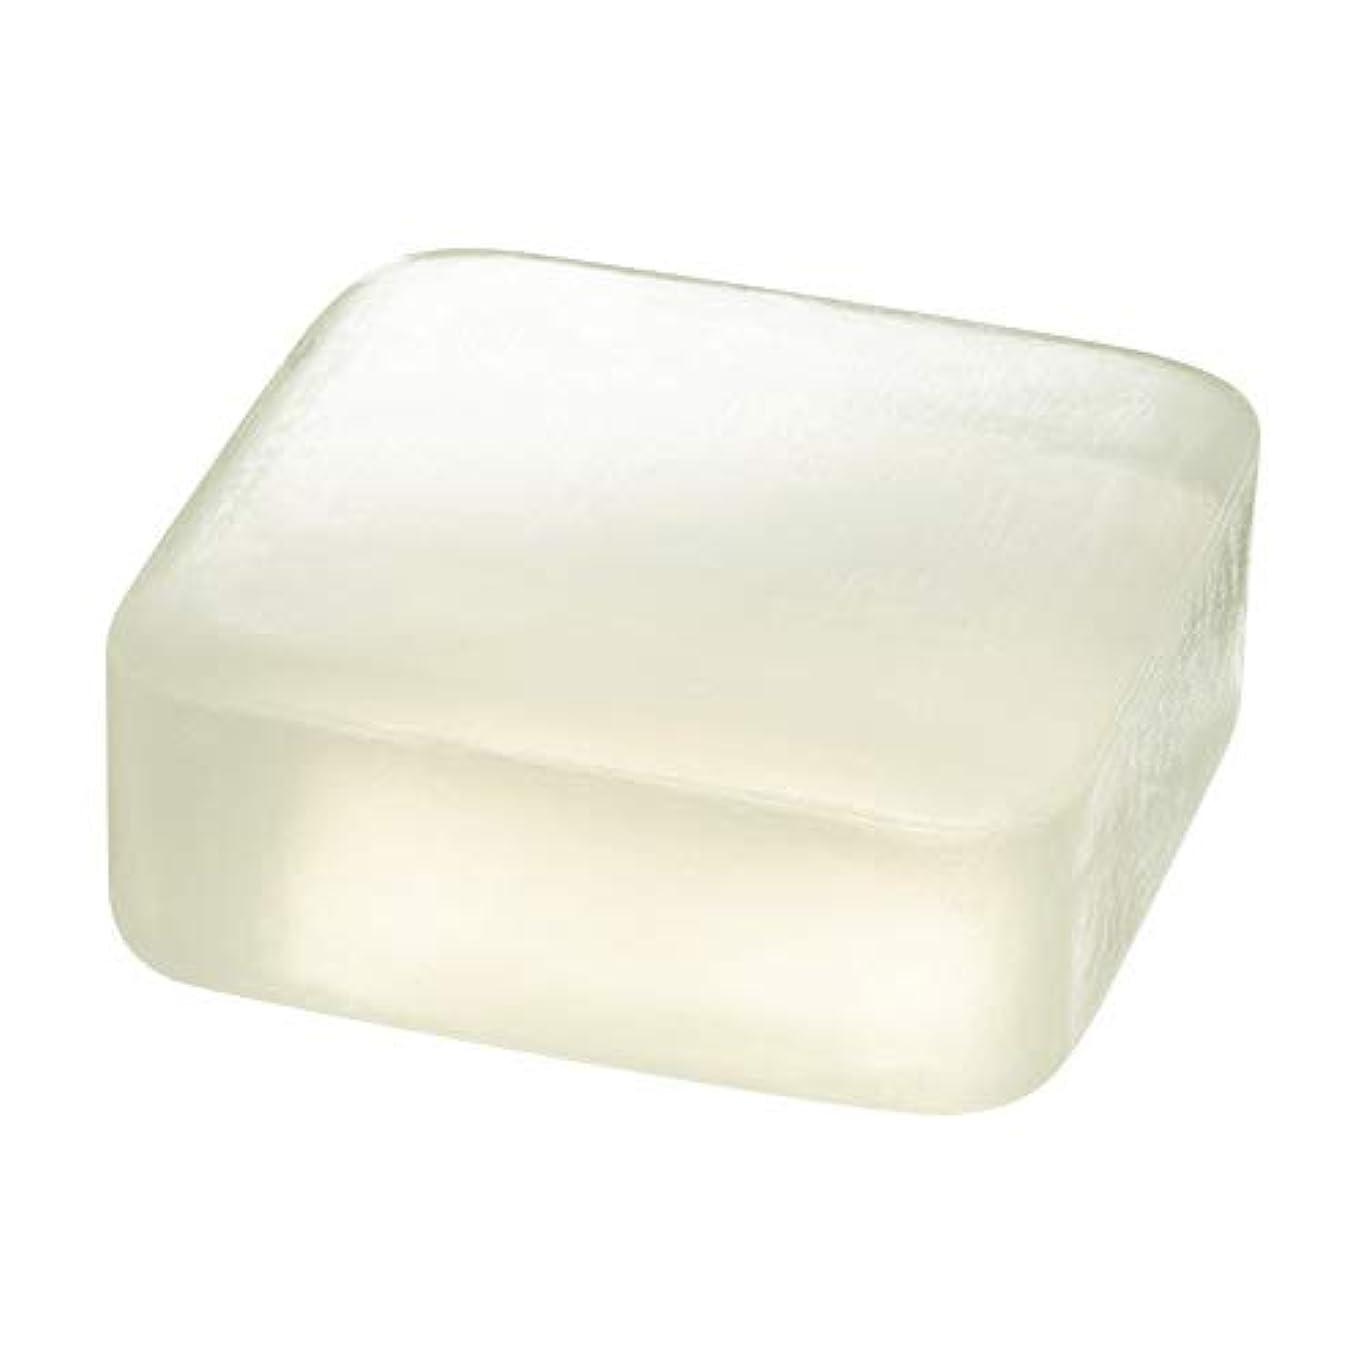 試してみるダニ電気のETVOS(エトヴォス) 洗顔せっけん クリアソープバー 80g 透明枠練り石鹸 セラミド 濃密泡 毛穴汚れ/黒ずみ